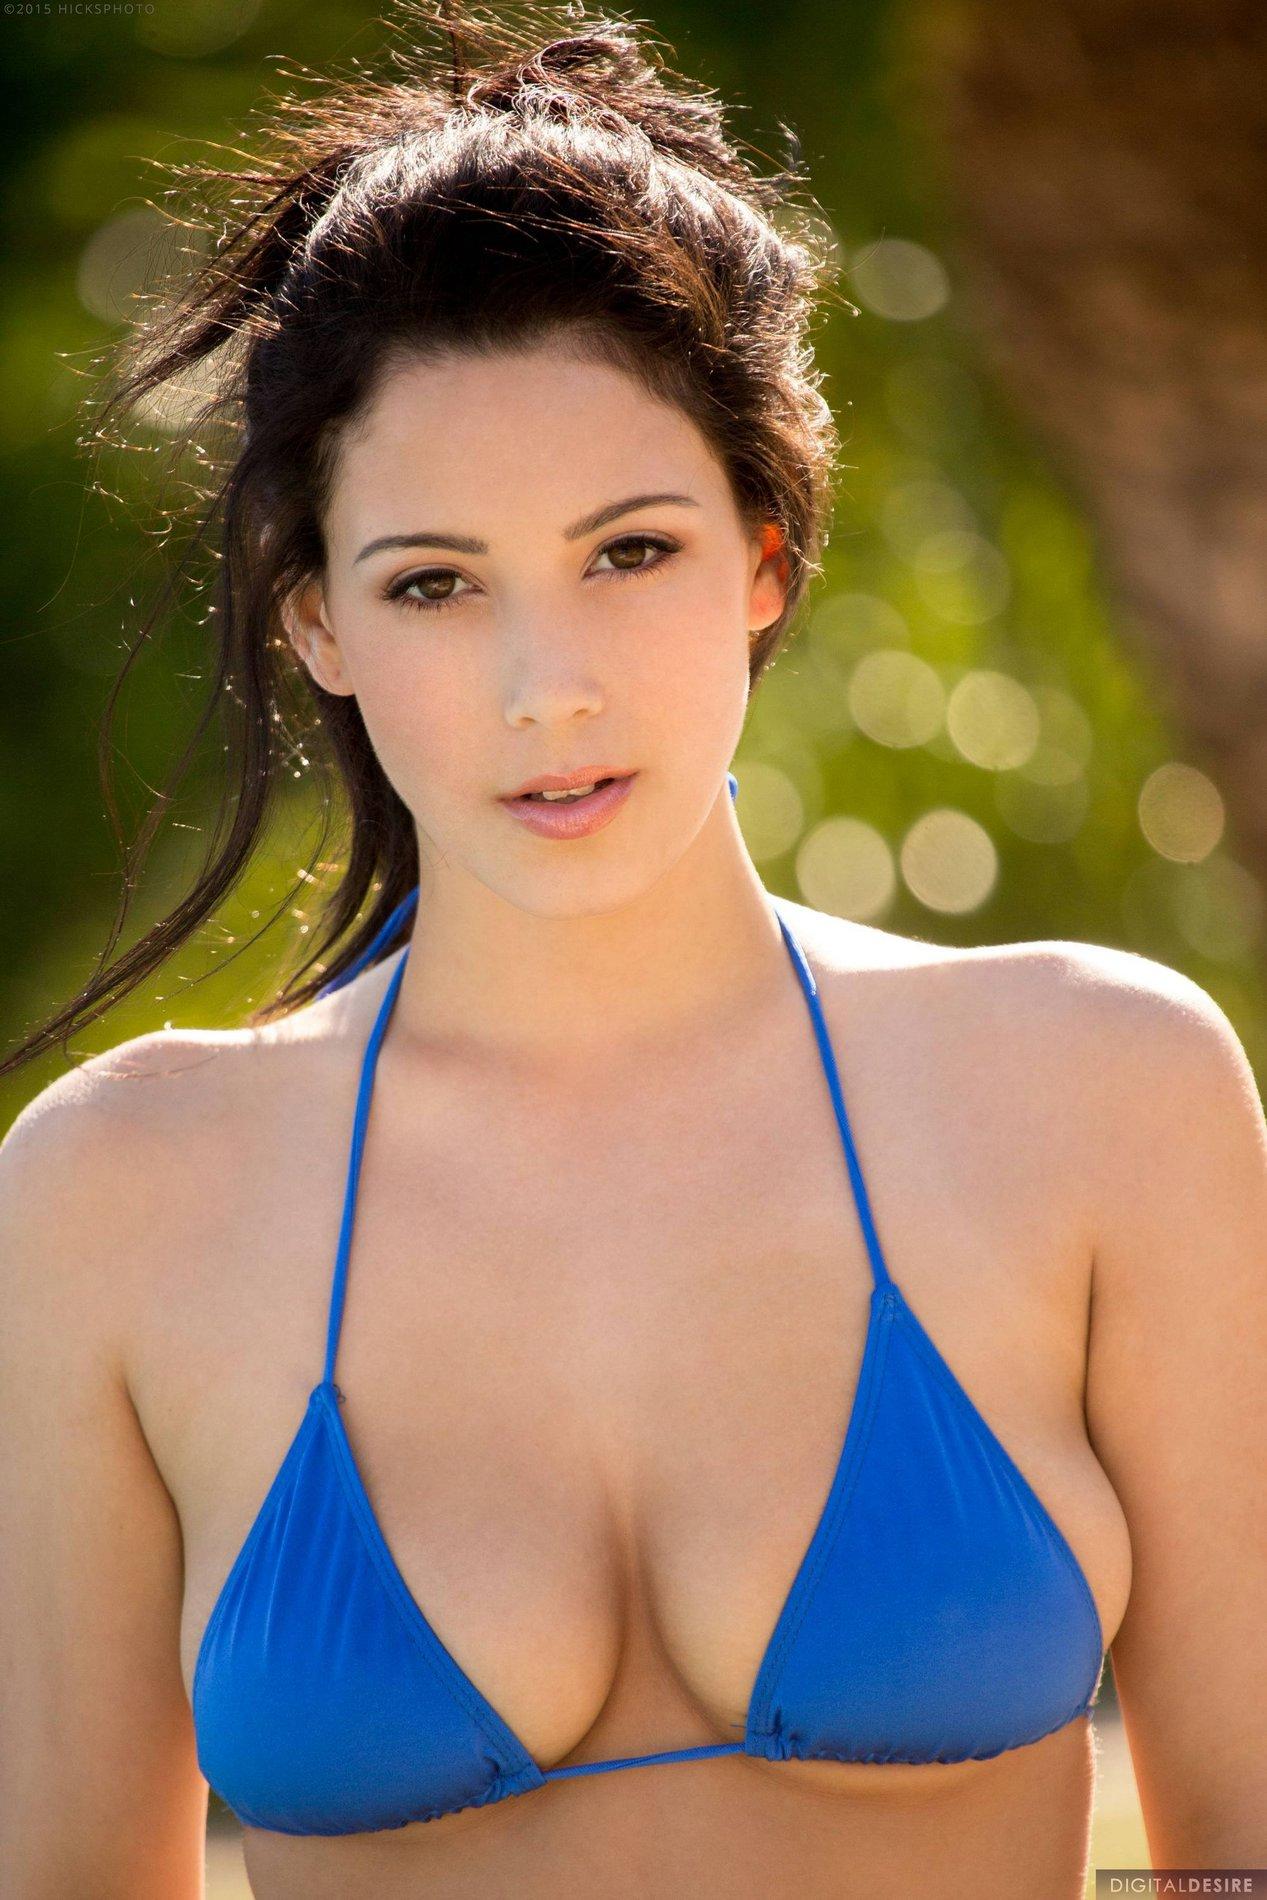 Noelle Easten